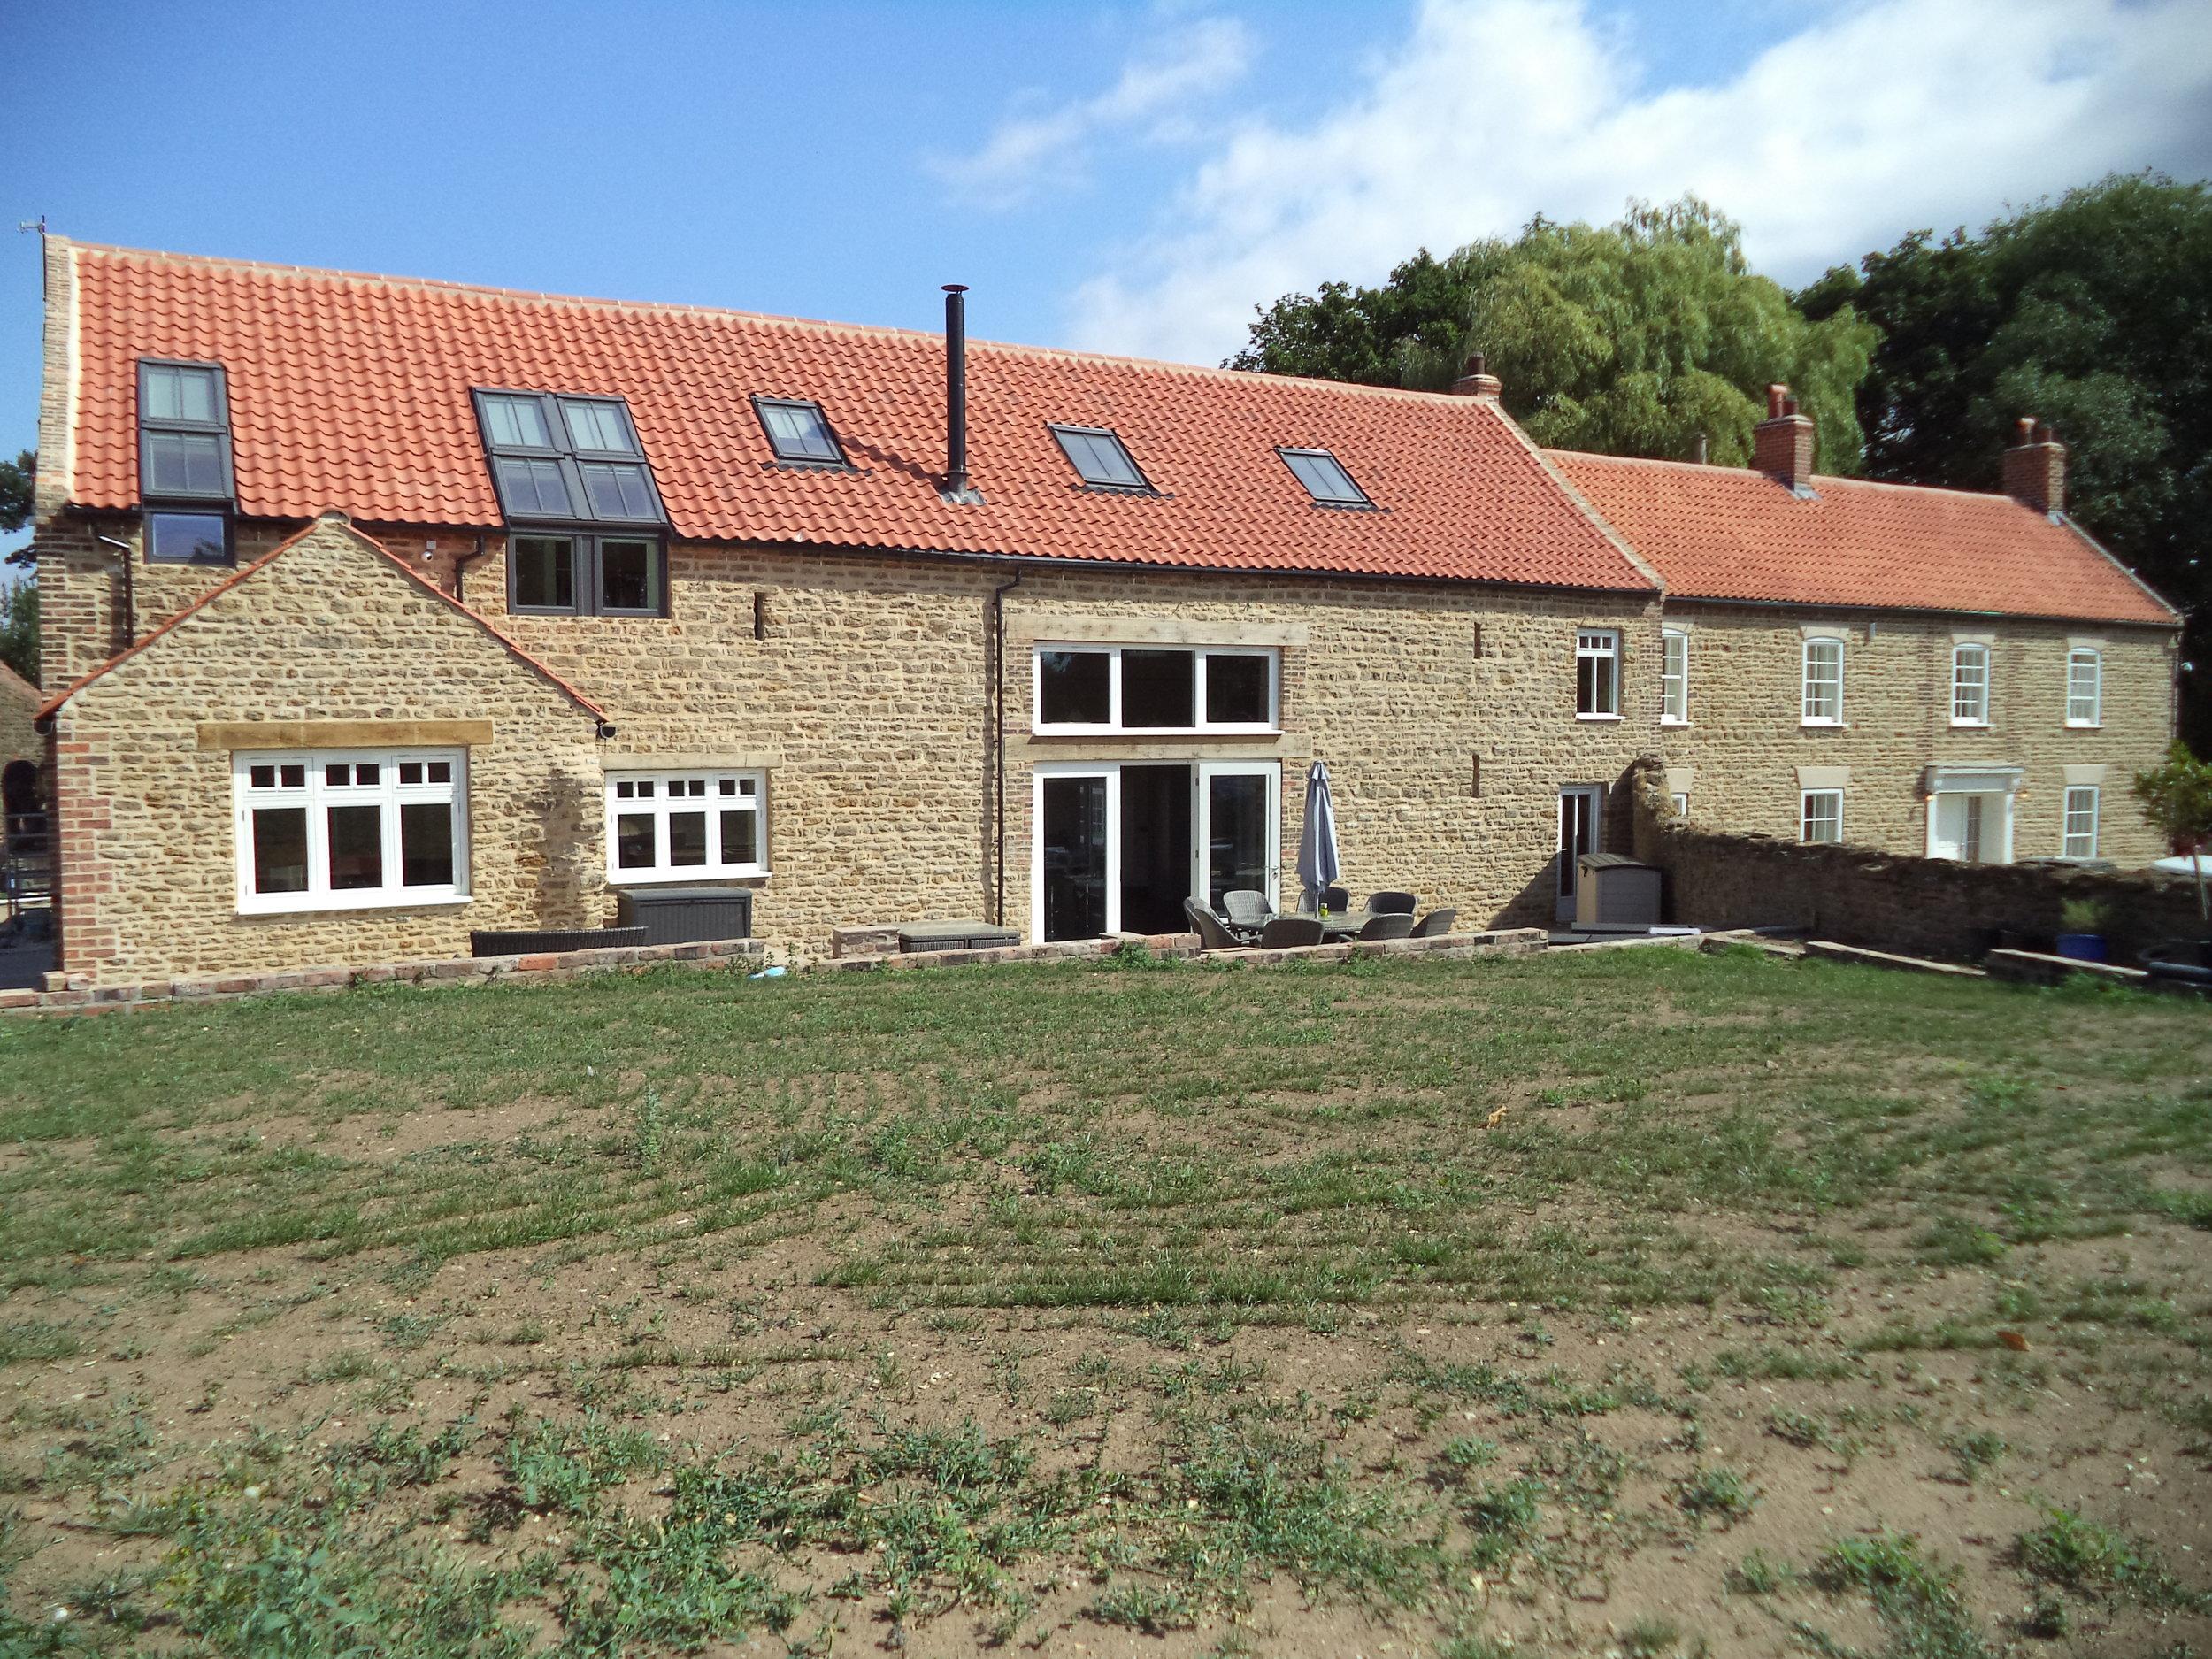 Converted Farm House and Barn